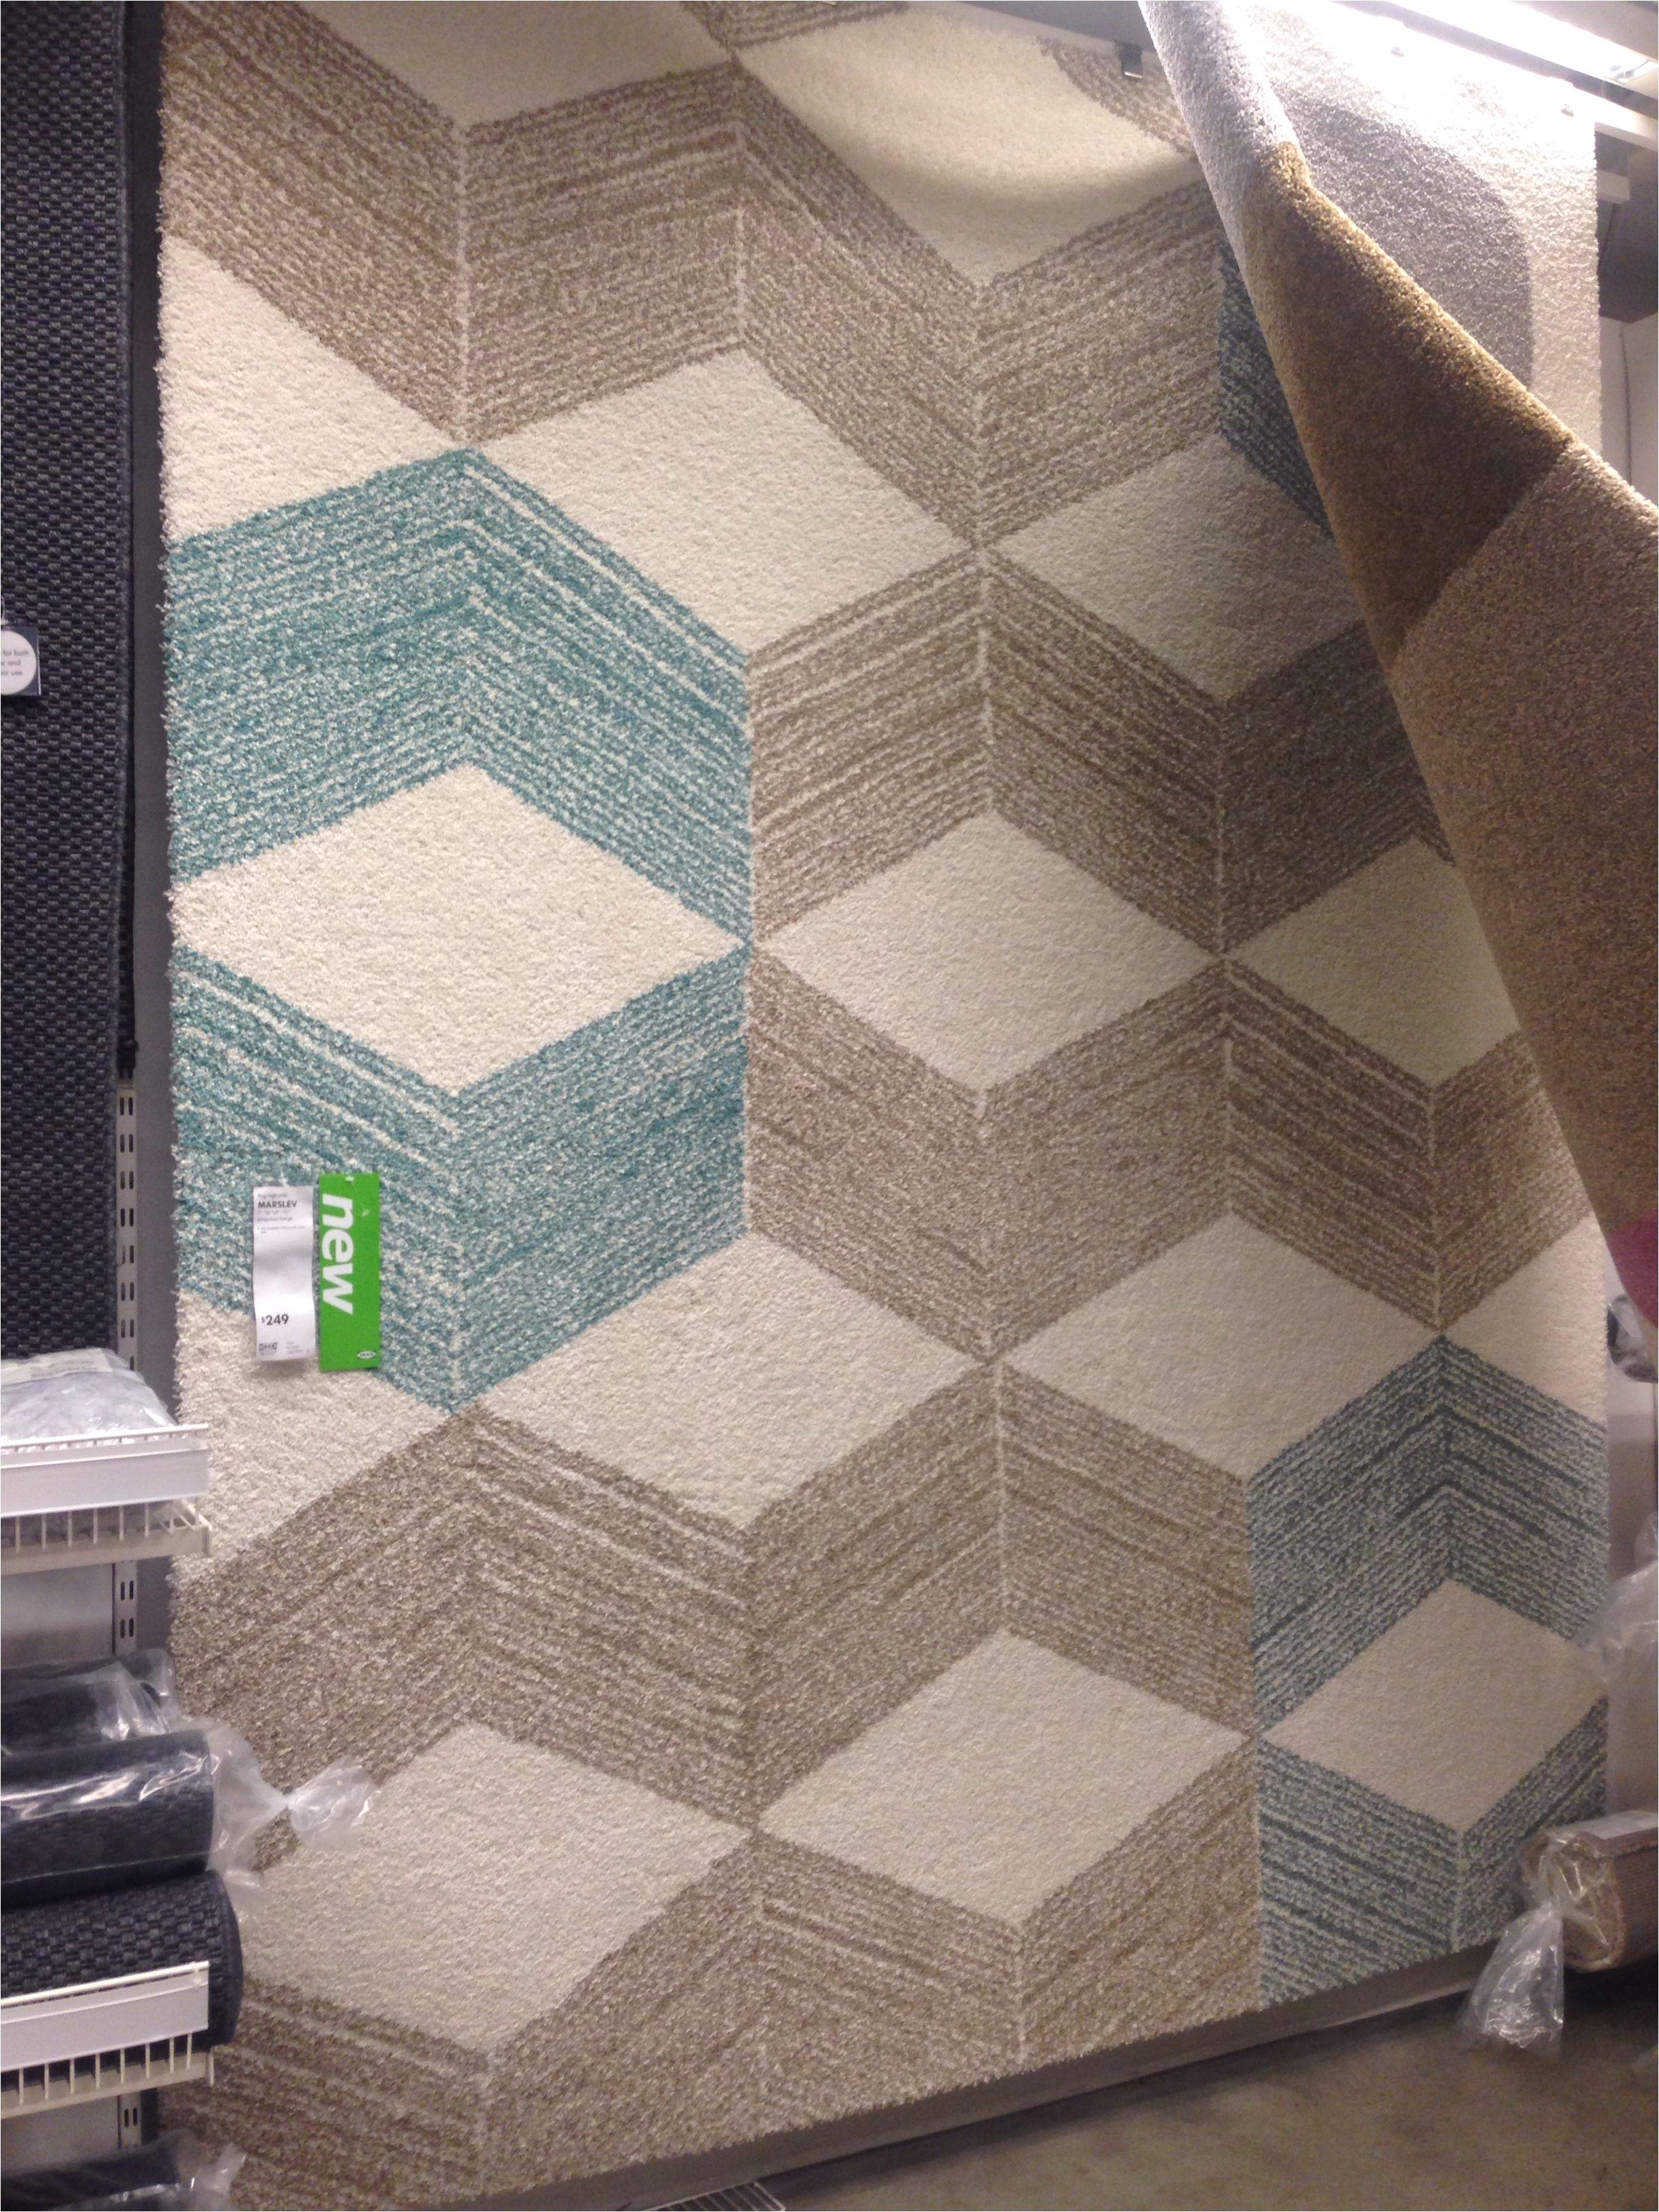 Flokati Rug Ikea Uk Ikea Marslev Rug 249 7 10 X 9 10 Living Room Dining Room